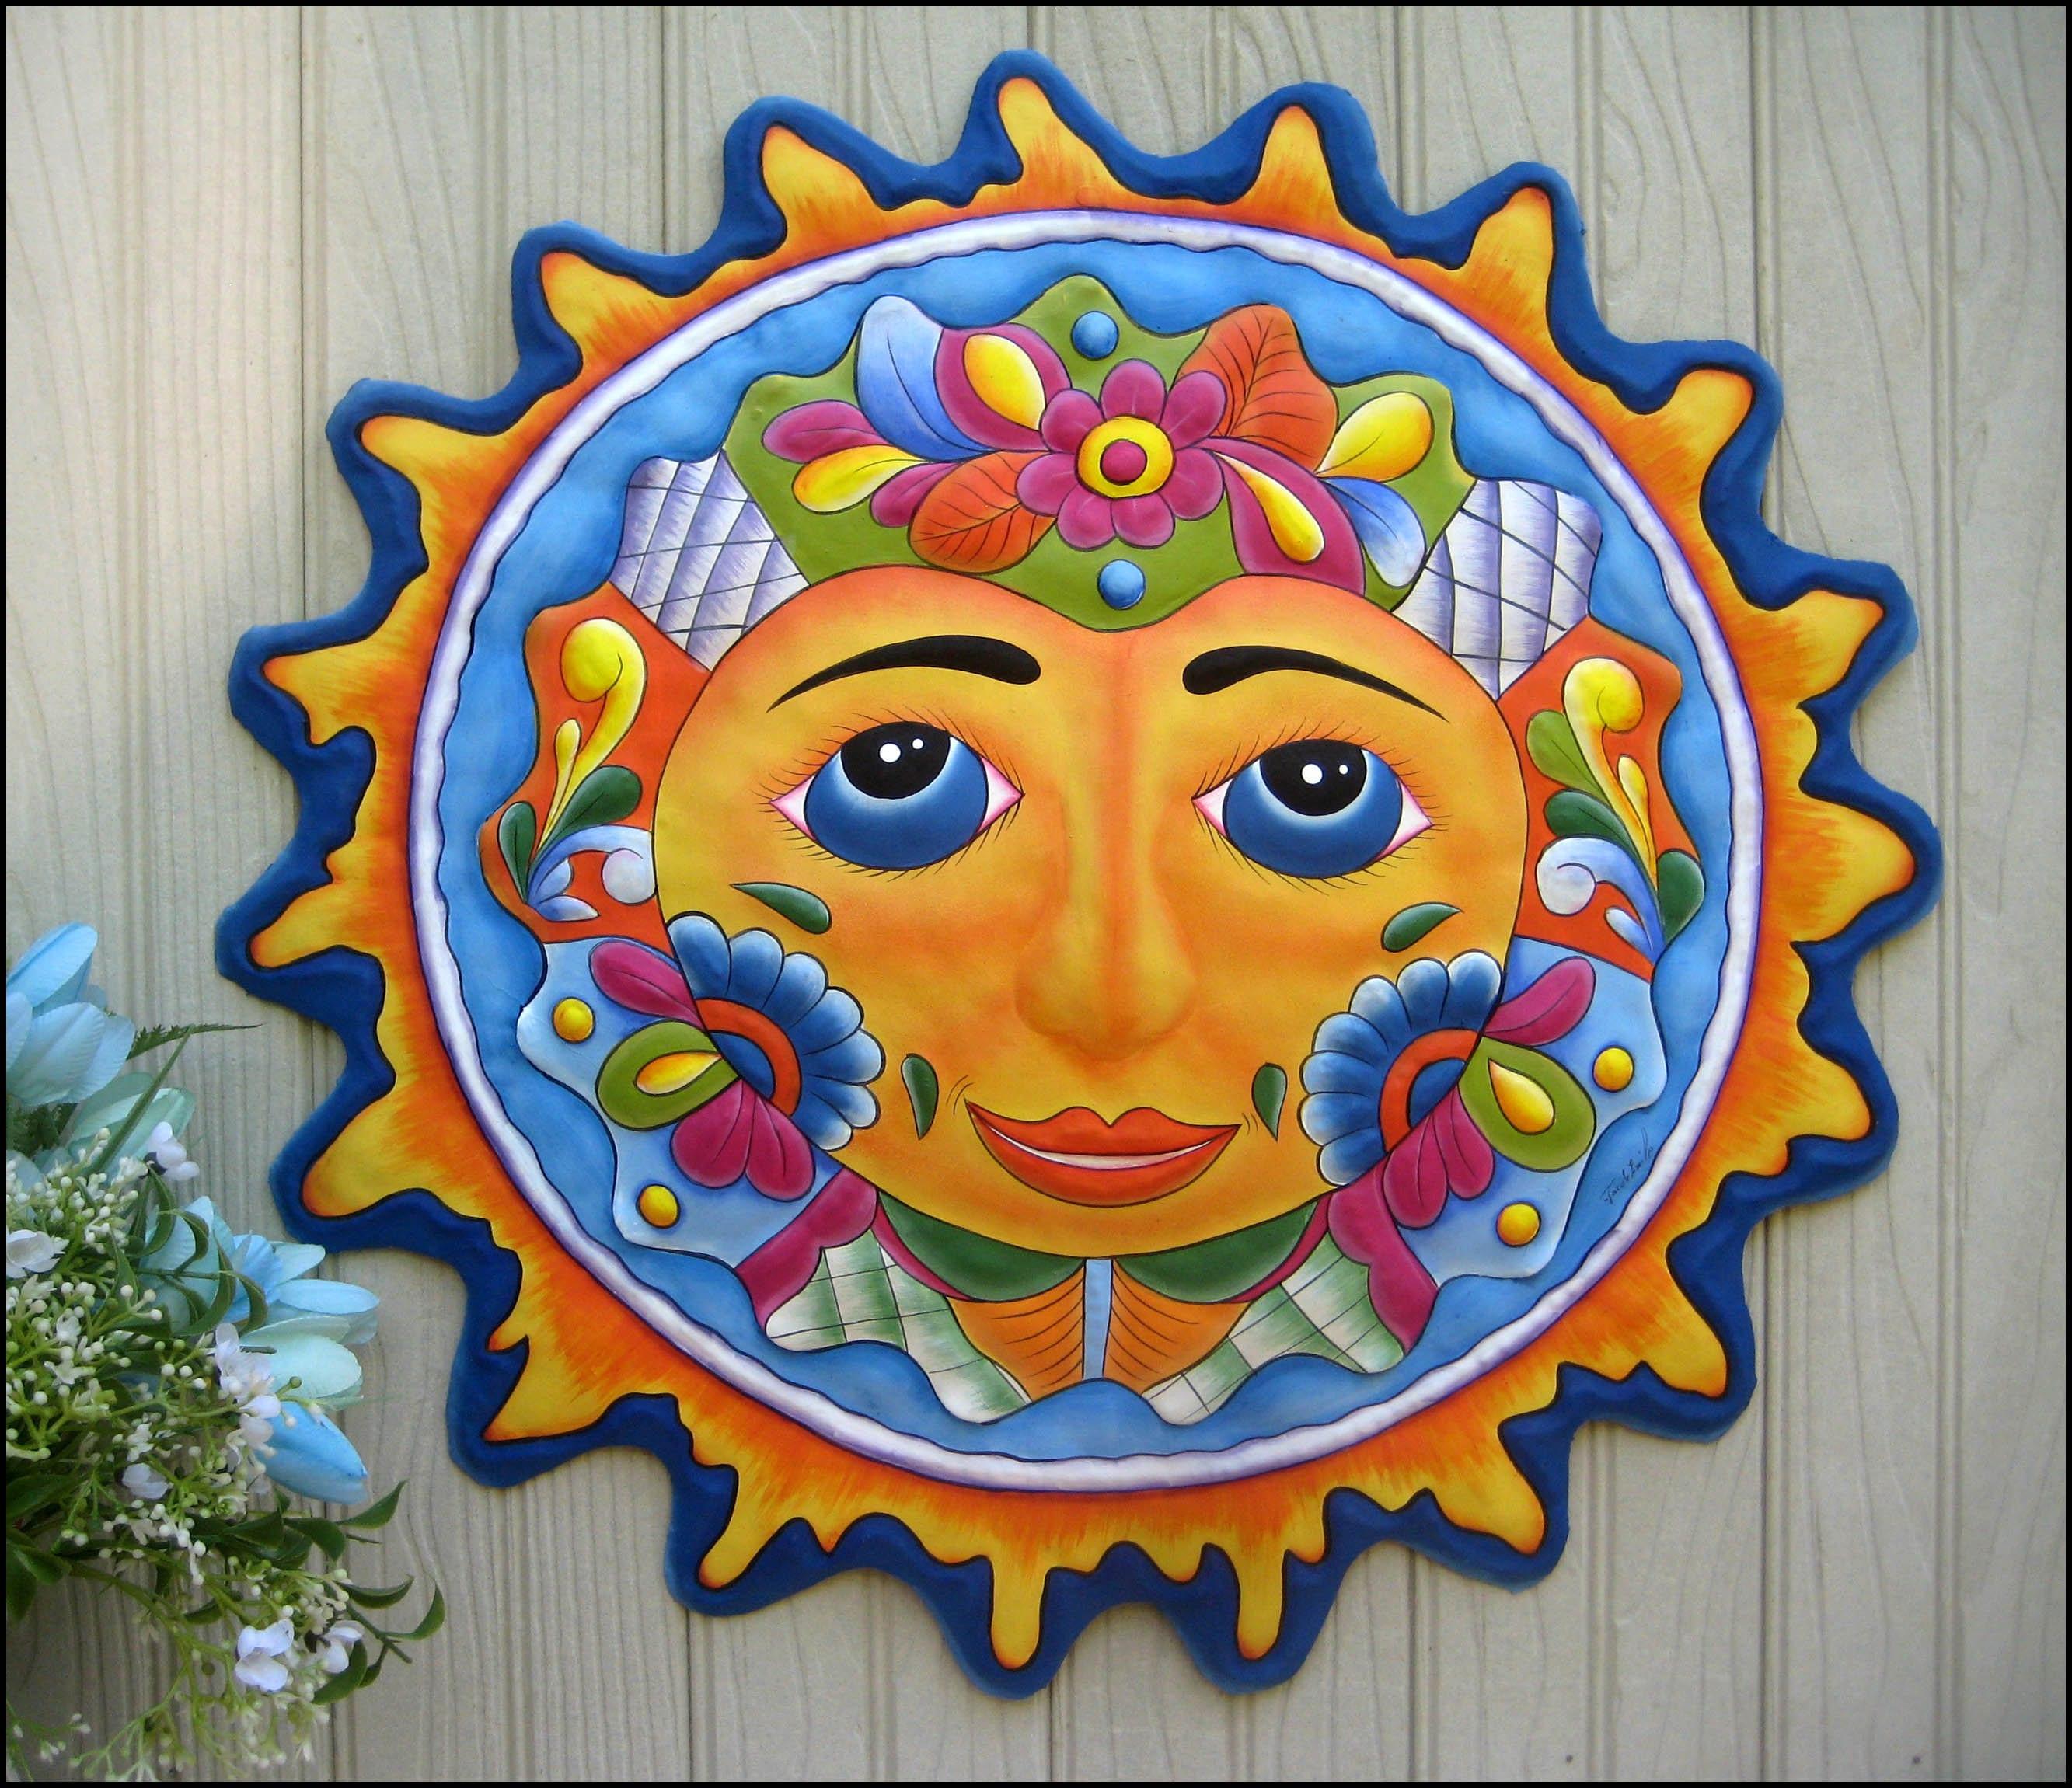 Metal Sun Tropical Decor Sun Wall Hanging Outdoor Metal Art